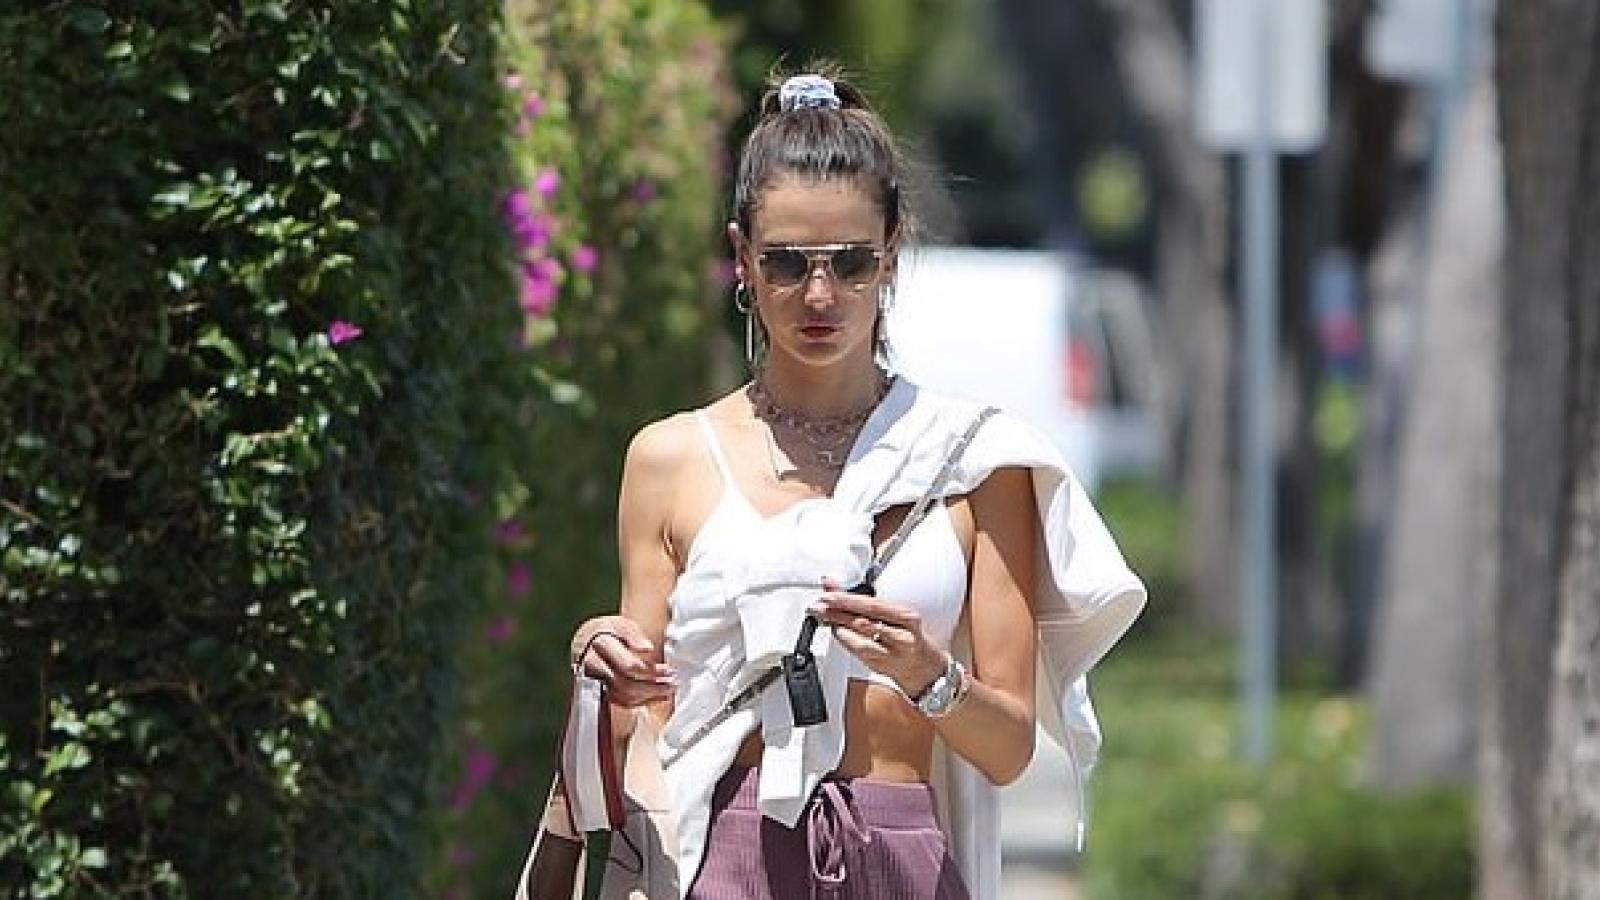 """Alessandra Ambrosio mặc đồ thể thao, khoe dáng """"bốc lửa"""" trên phố"""